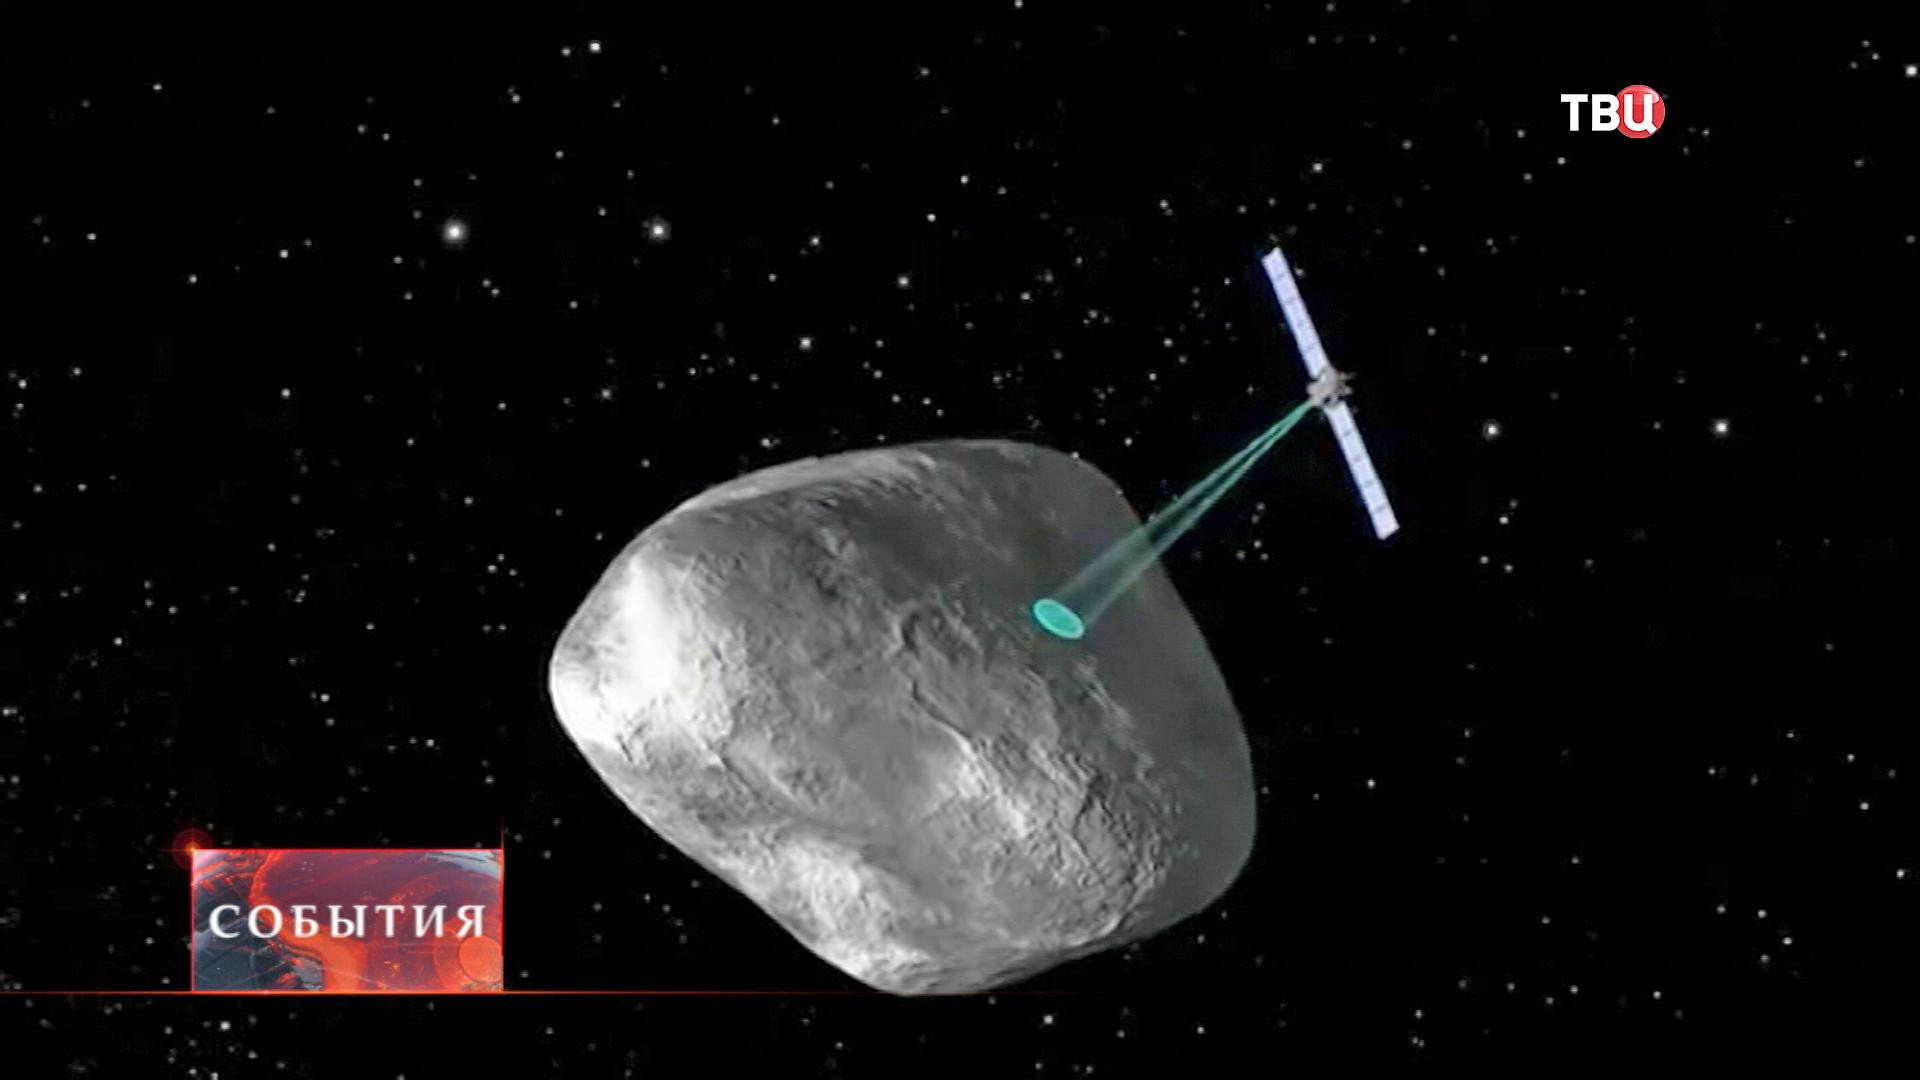 Сканирование поверхности кометы